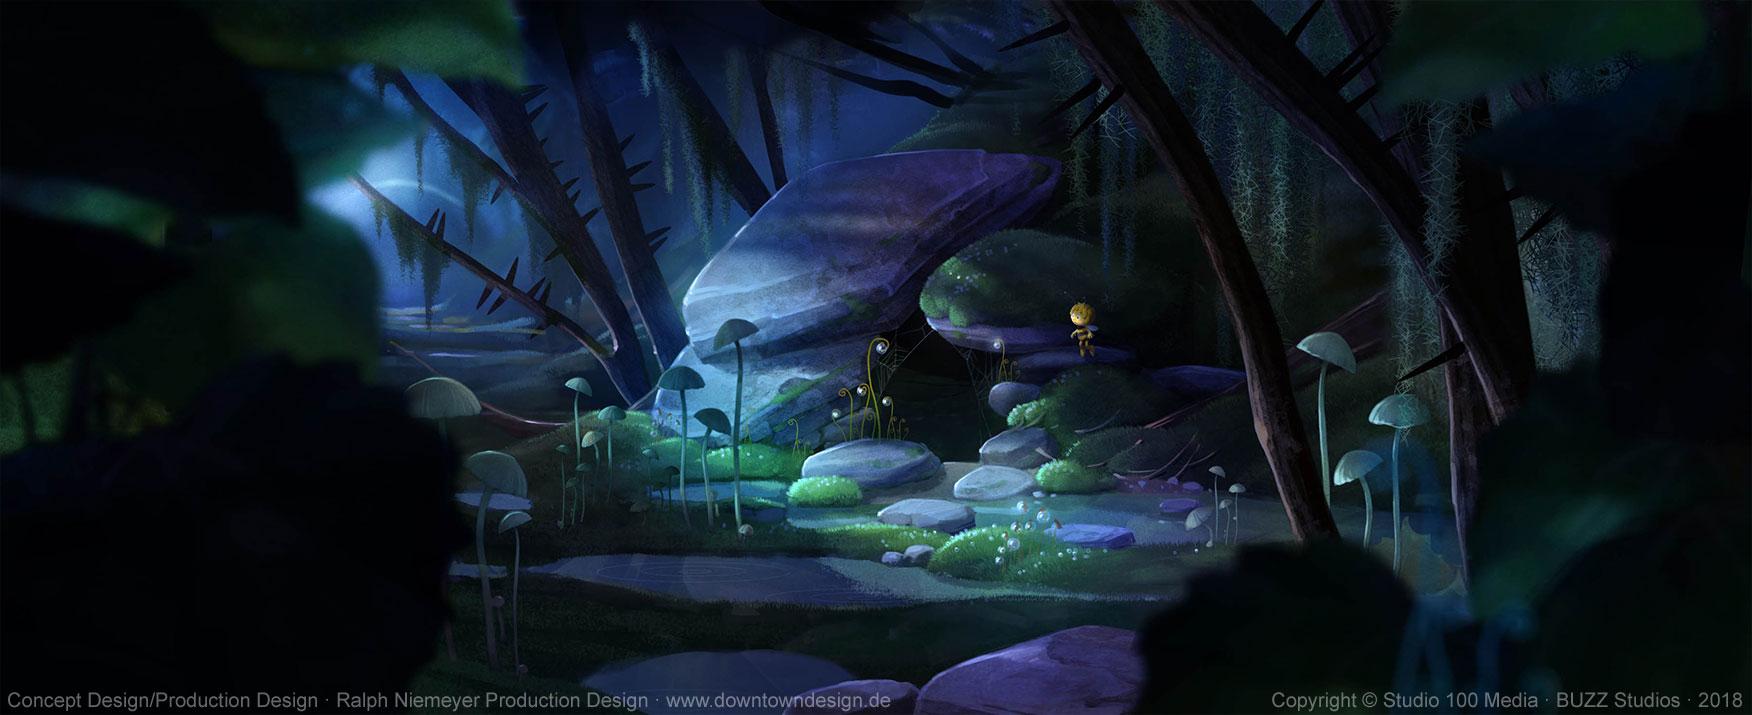 die-biene-maja-2-die-honigspiele-concept-art-ralph-niemeyer-maja-cabin-night